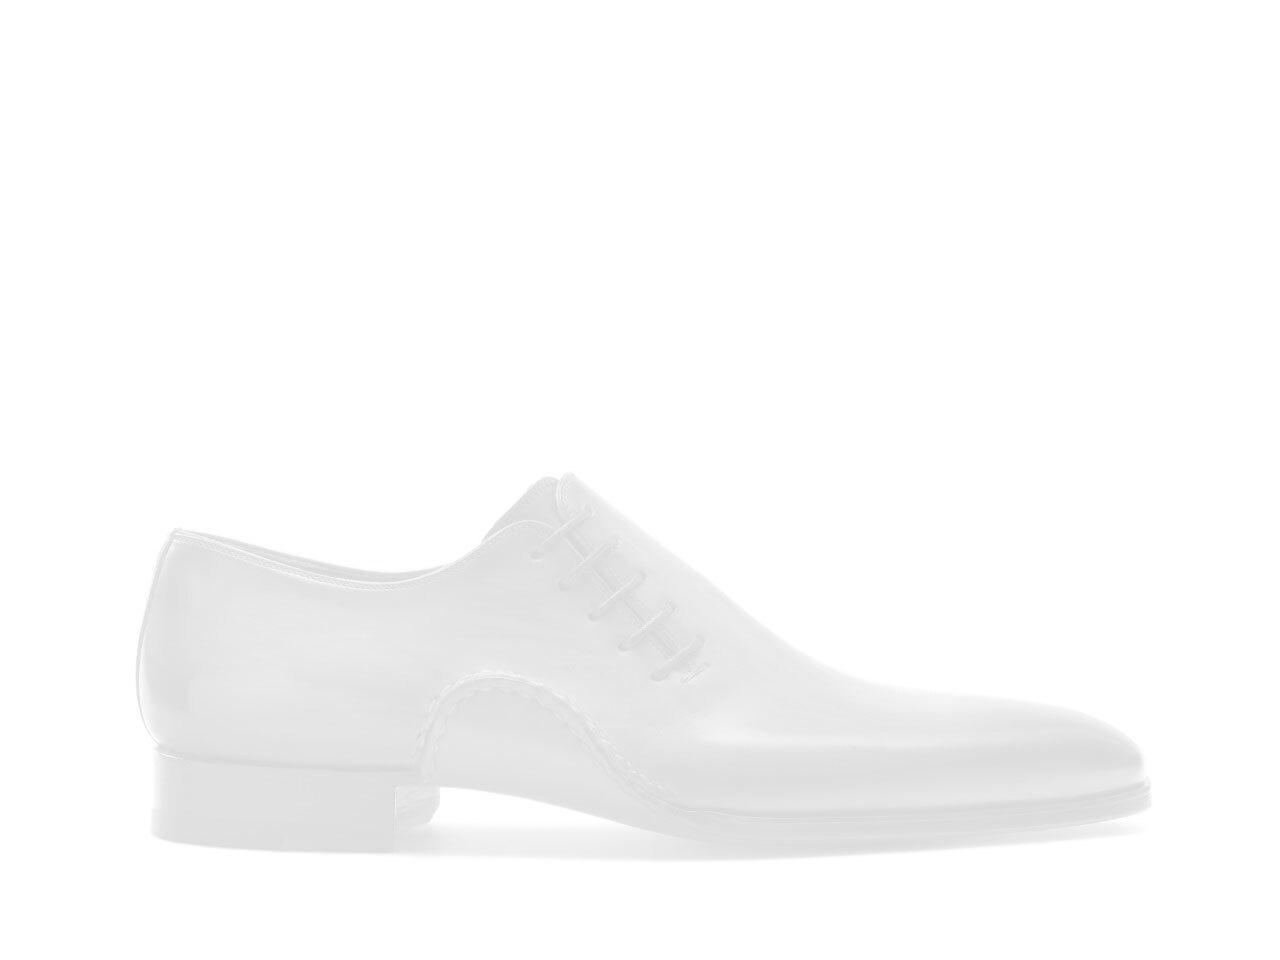 Pair of the Magnanni Lyle Cognac Suede Men's Derby Shoes